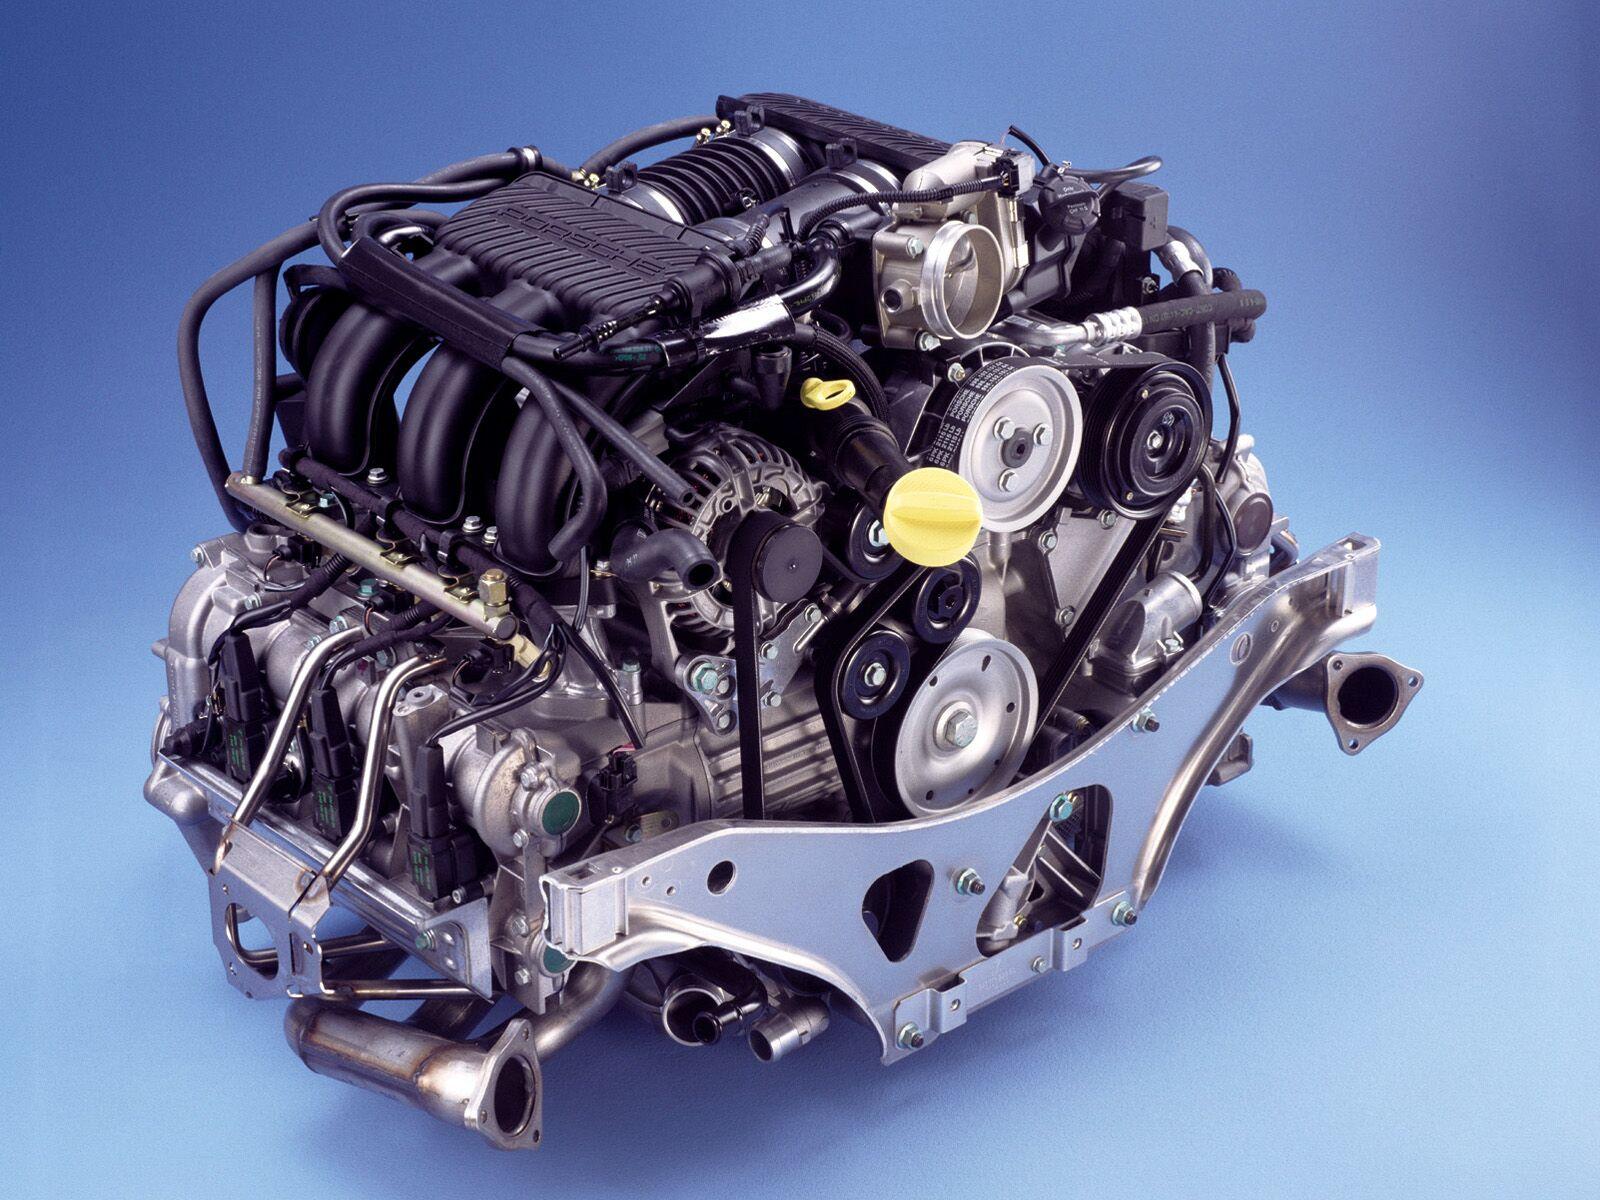 Porsche 997 M96 Vs M97 Engine Differences Rennlist